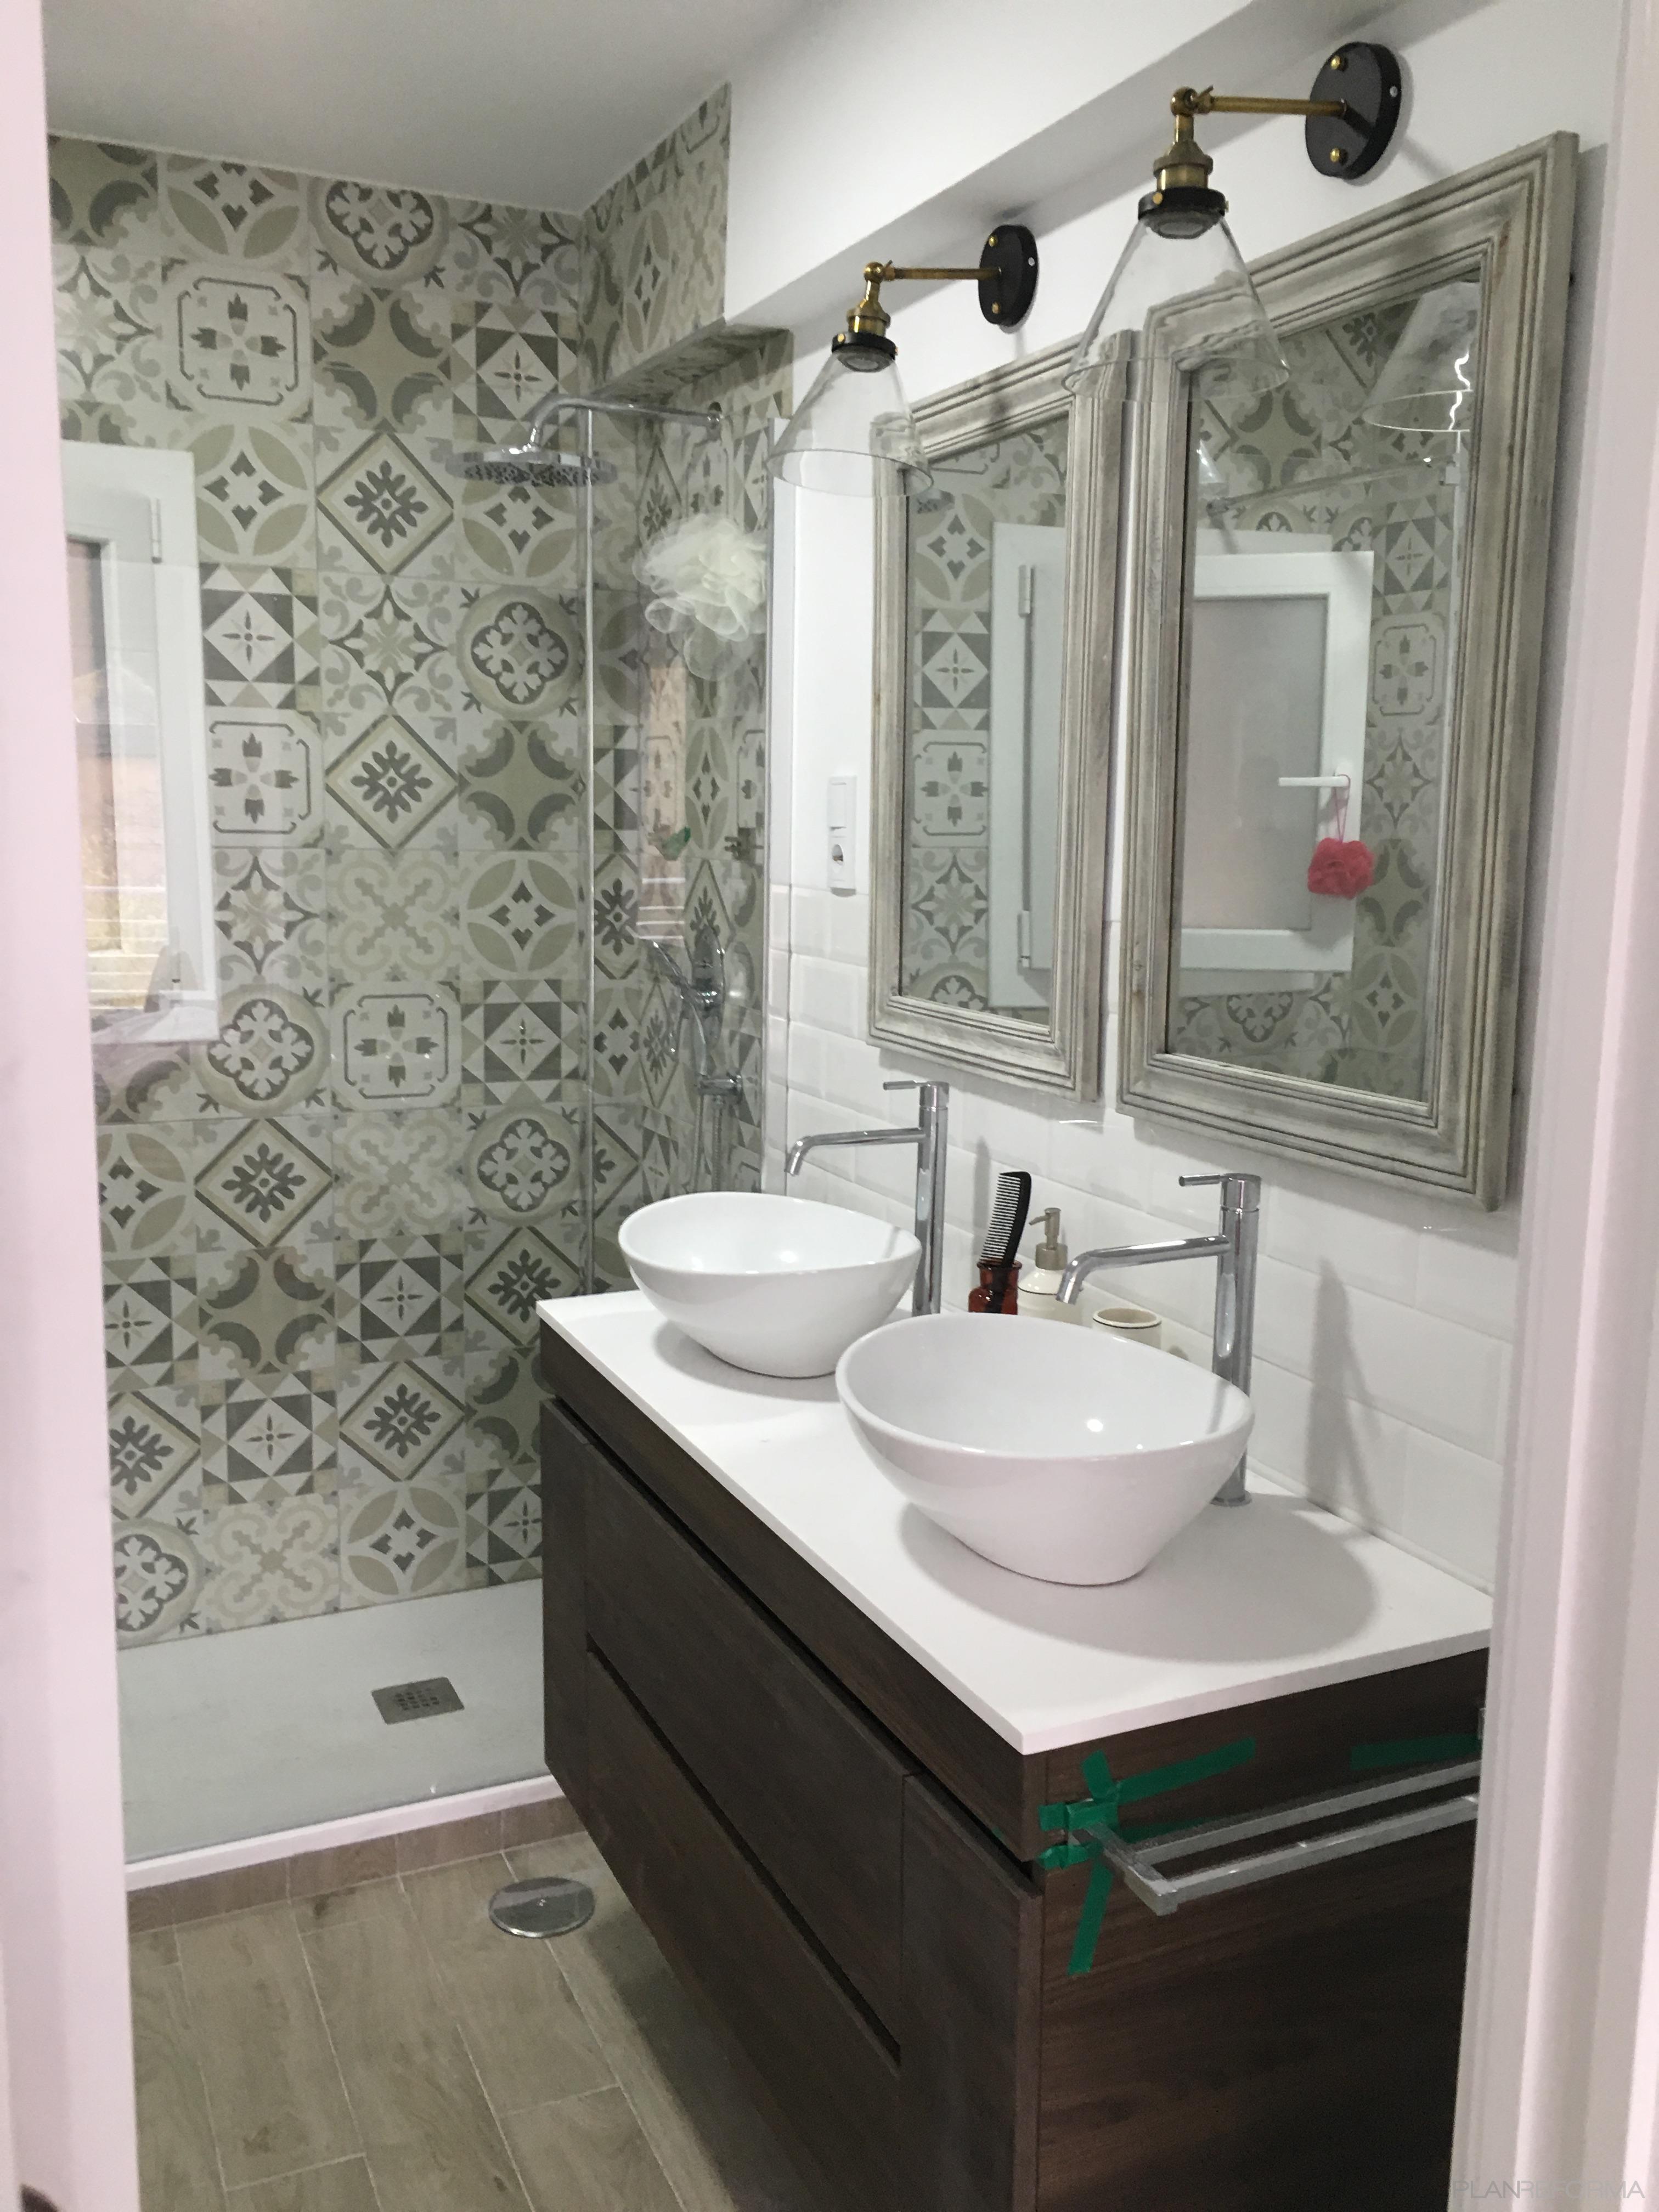 Baño Estilo mediterraneo Color beige, blanco  diseñado por SoloBaños | Gremio | Copyright SoloBaños